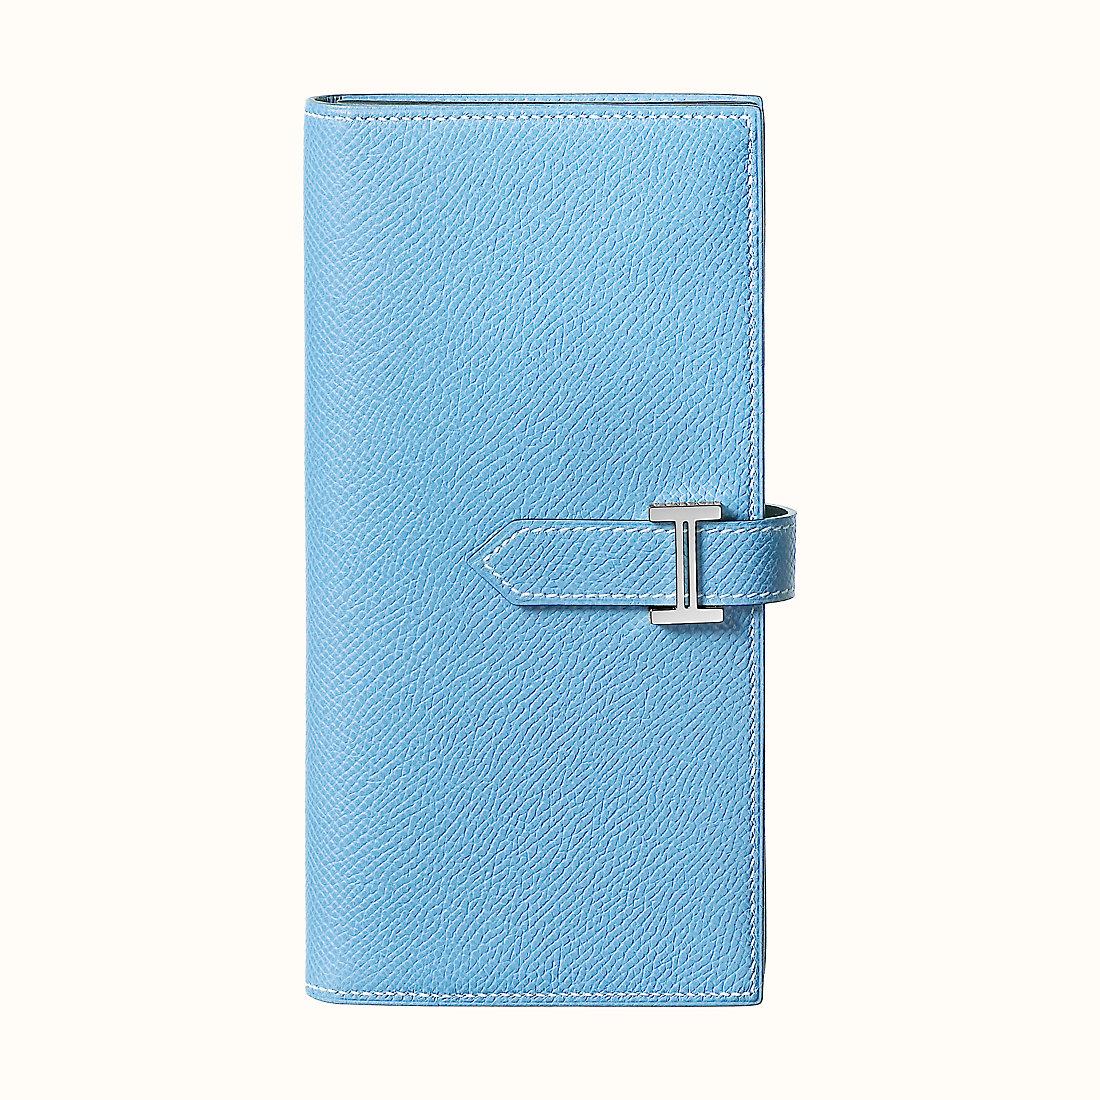 臺灣彰化縣愛馬仕錢包 Hermes Bearn wallet CK7N Céleste 天藍色